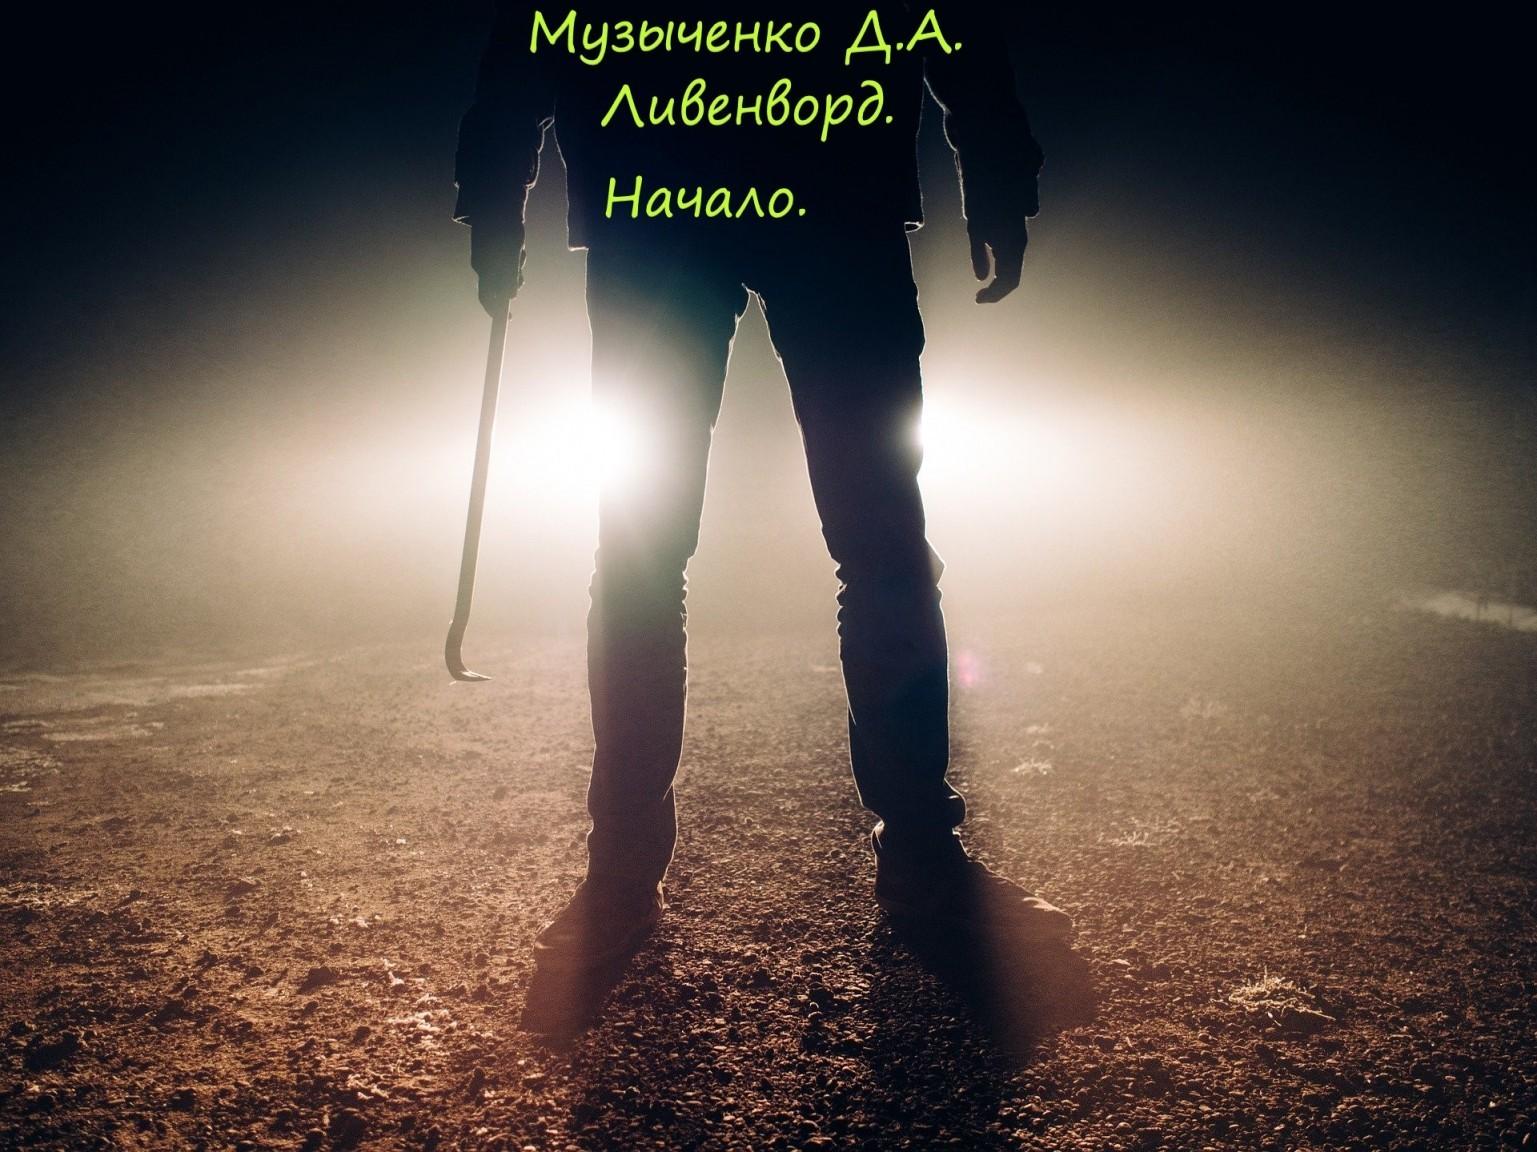 Ливенворд. Начало - Dima Muzychenko, Ужасы